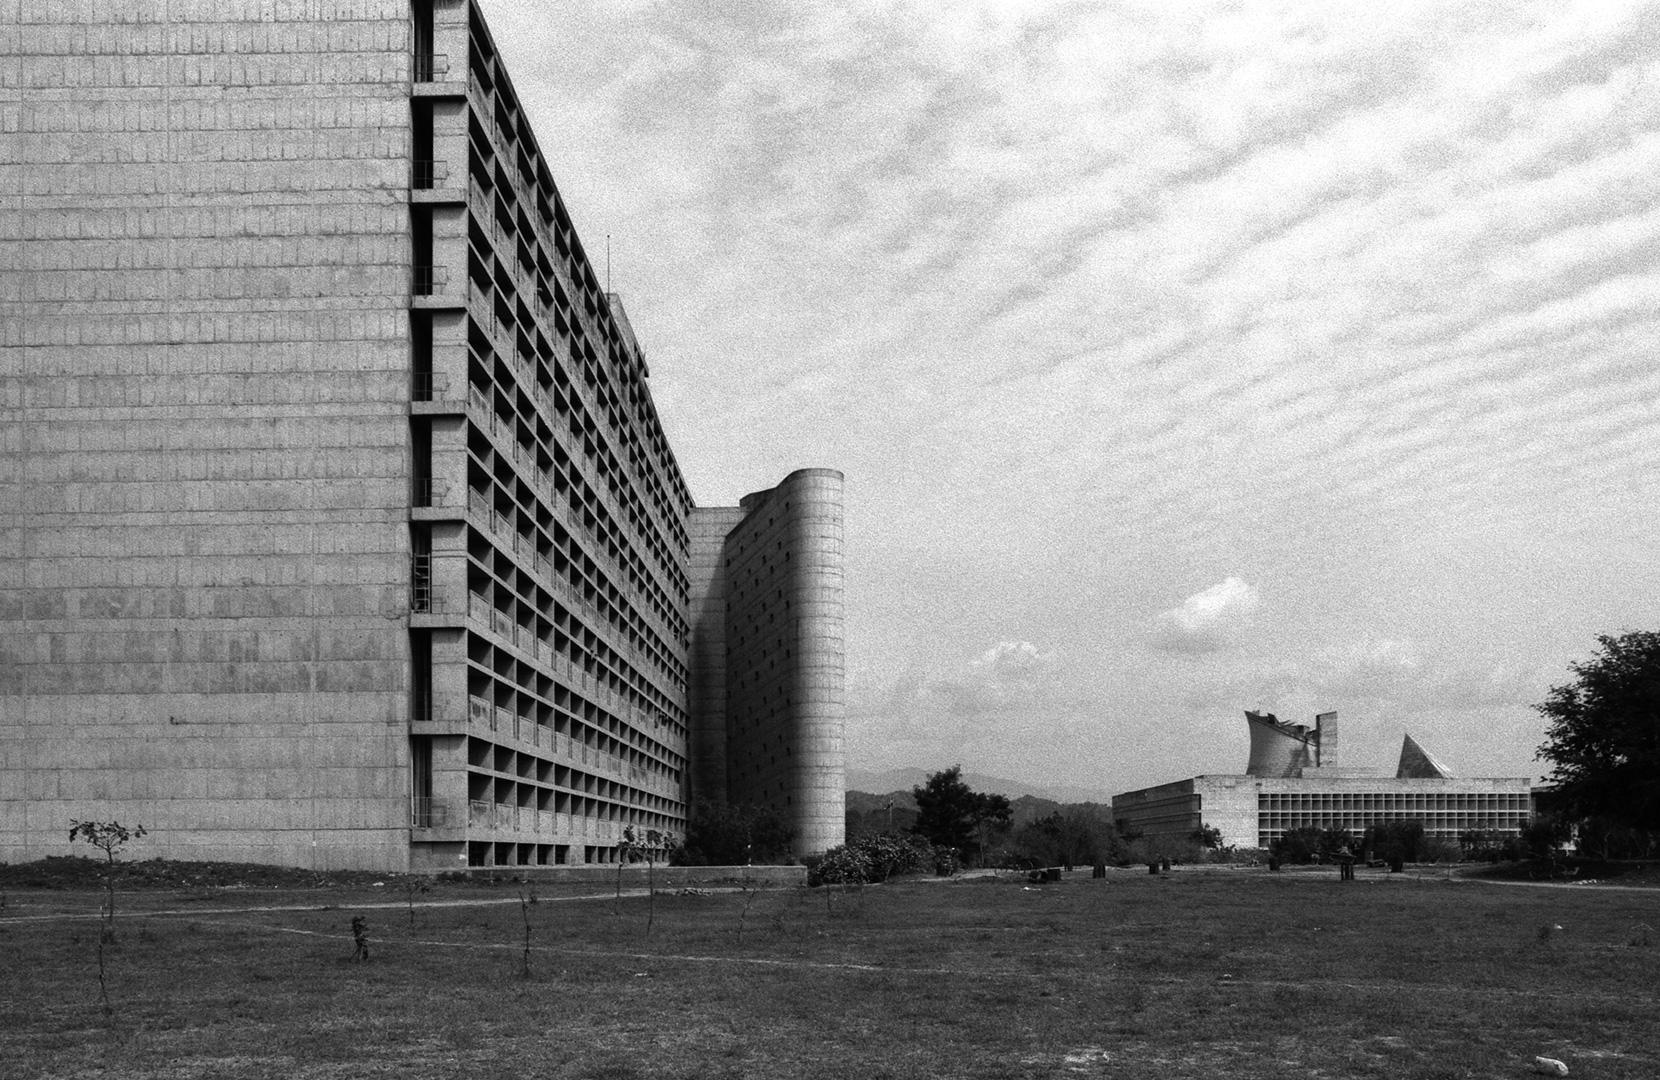 le-corbusier_01_Le_Corbusier_Chadingarh_LC1_925-6-CHA